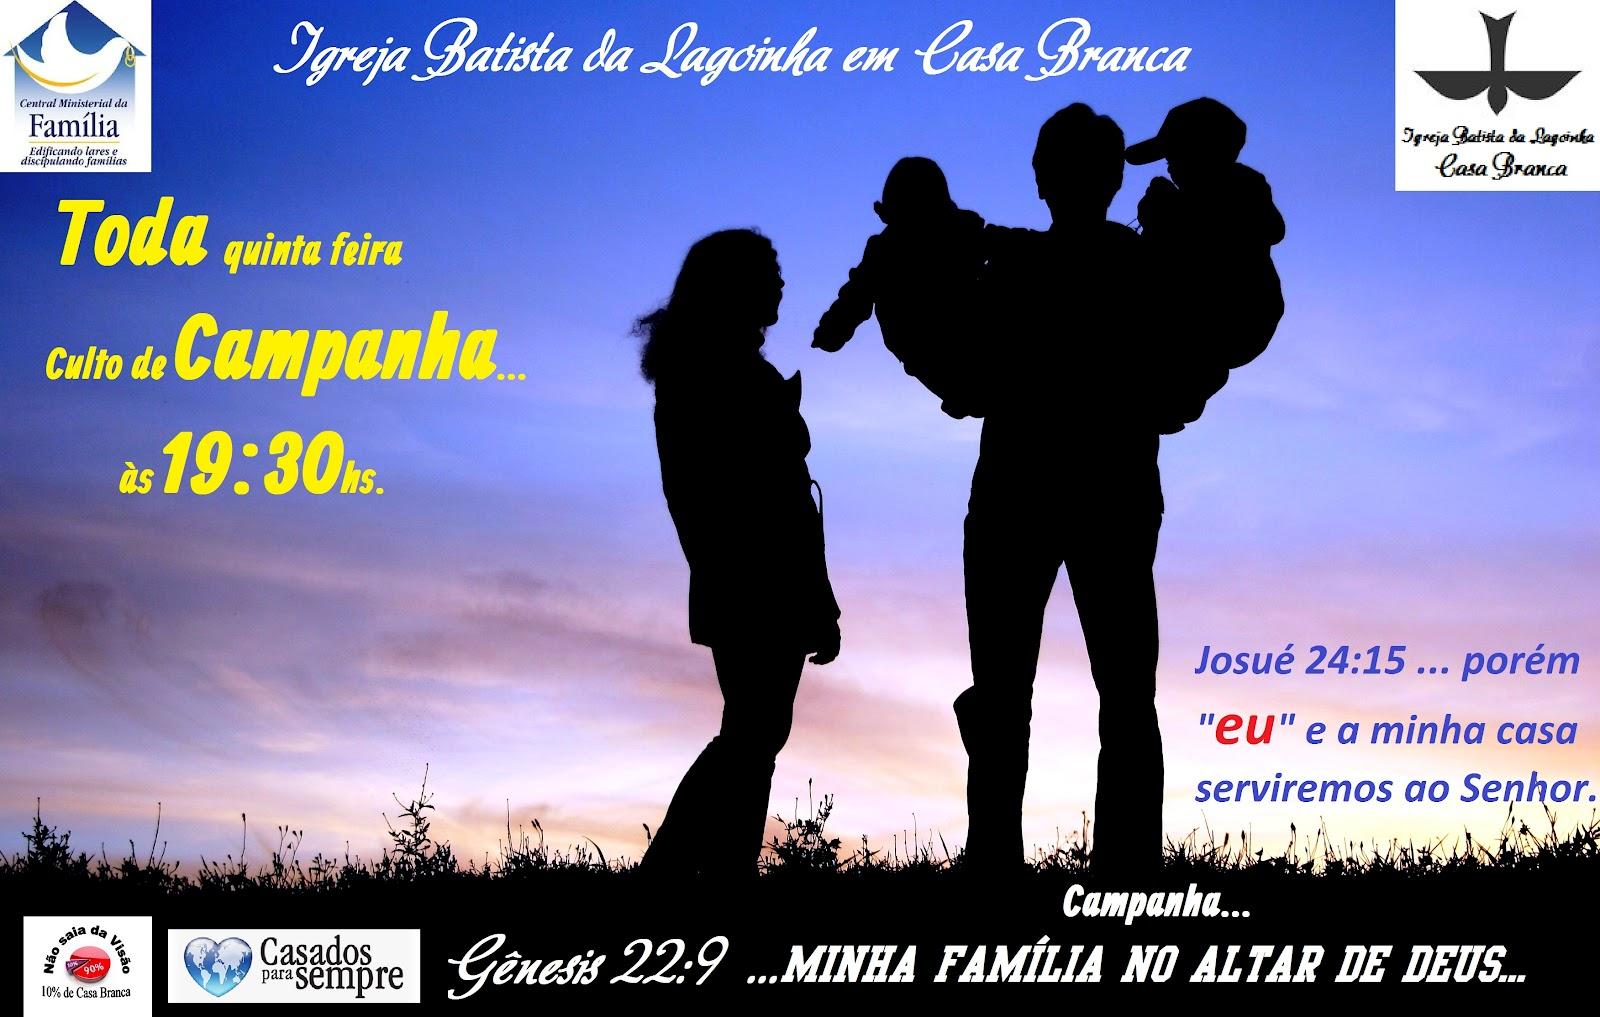 MINISTÉRIO VOZ DO ESPÍRITO SANTO: CULTO DE CAMPANHA! TEMA